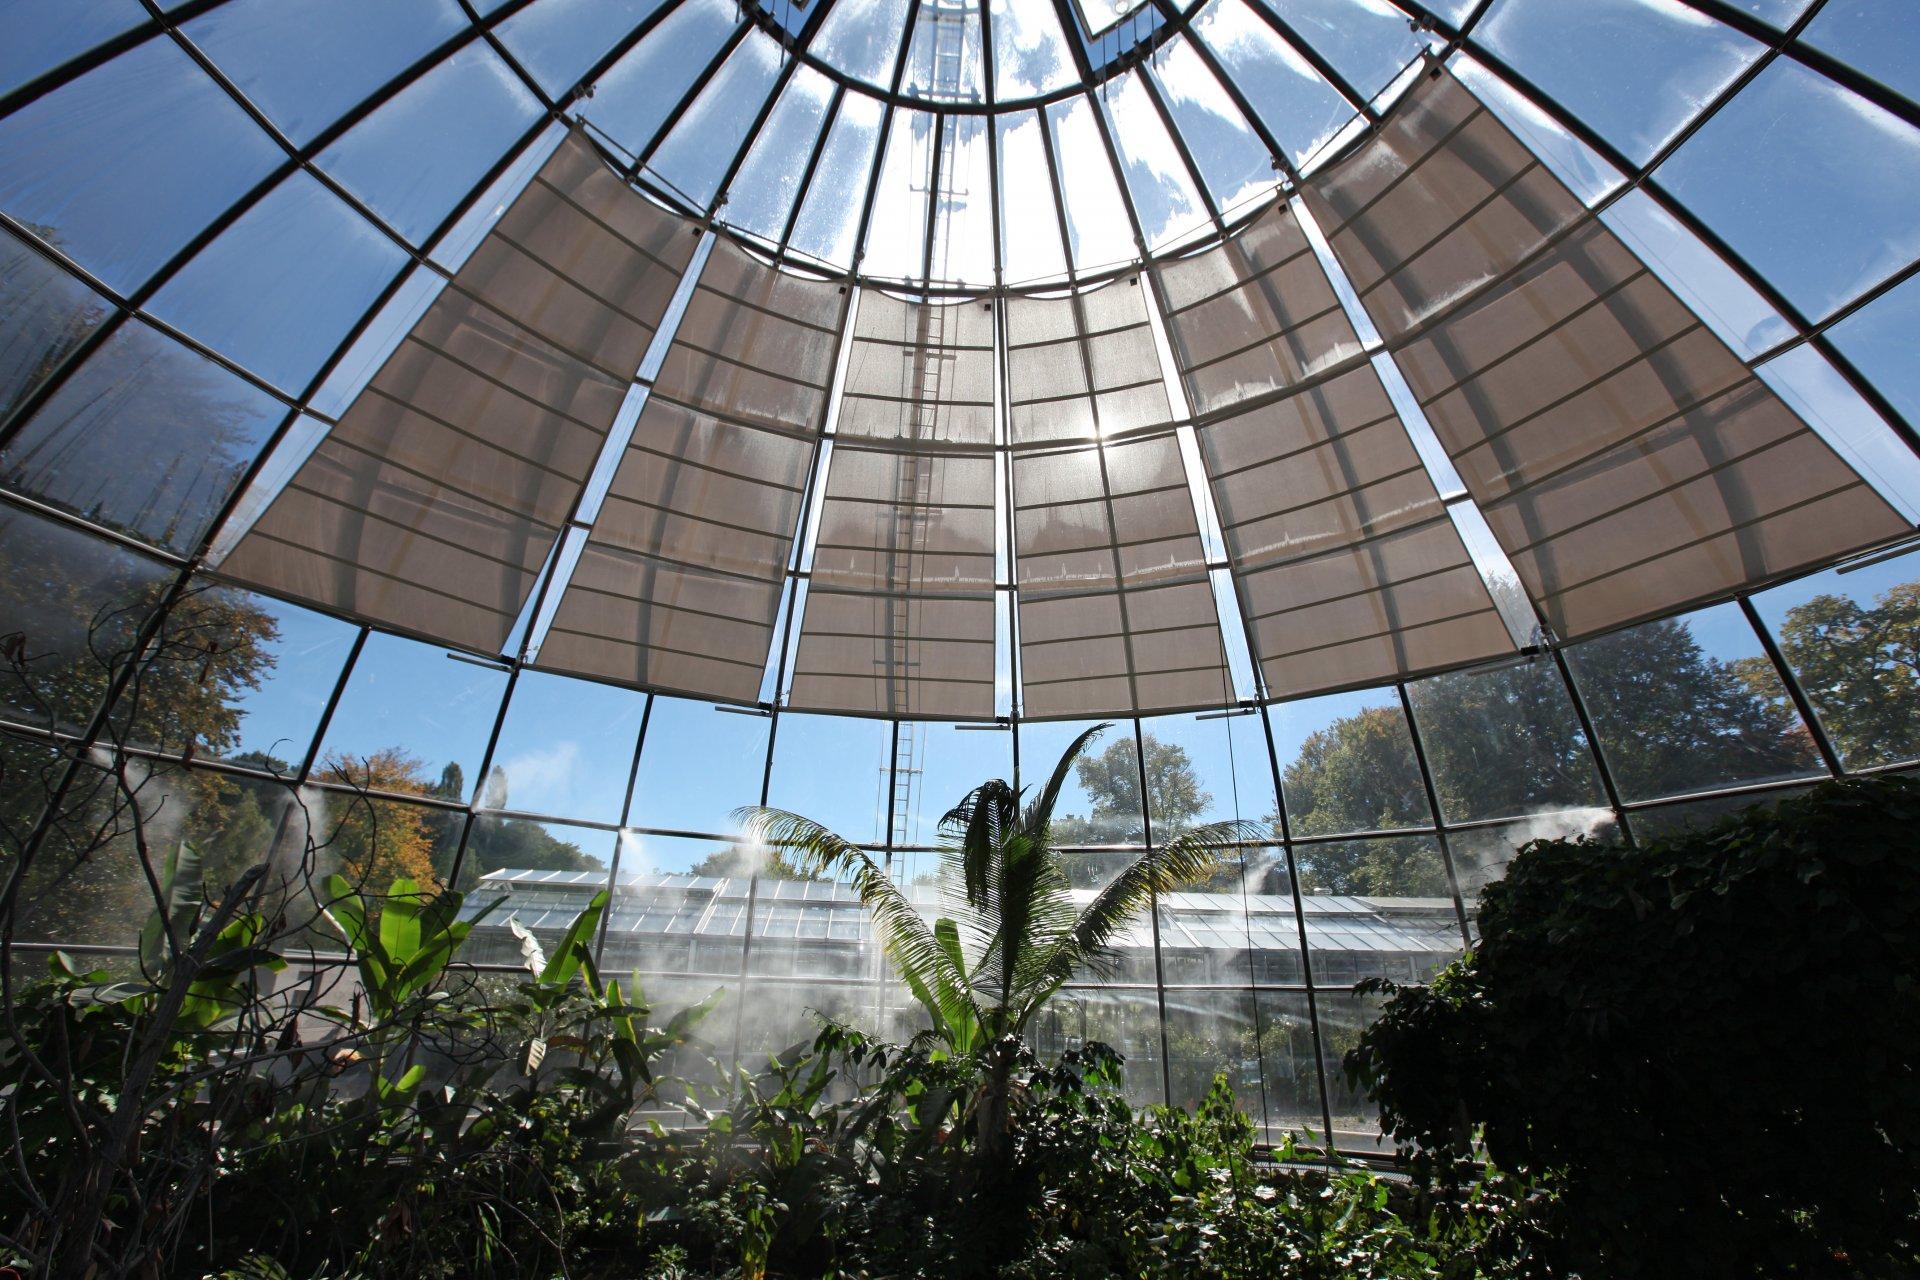 Botanischer Garten Zürich - SunSquare Segel indoor